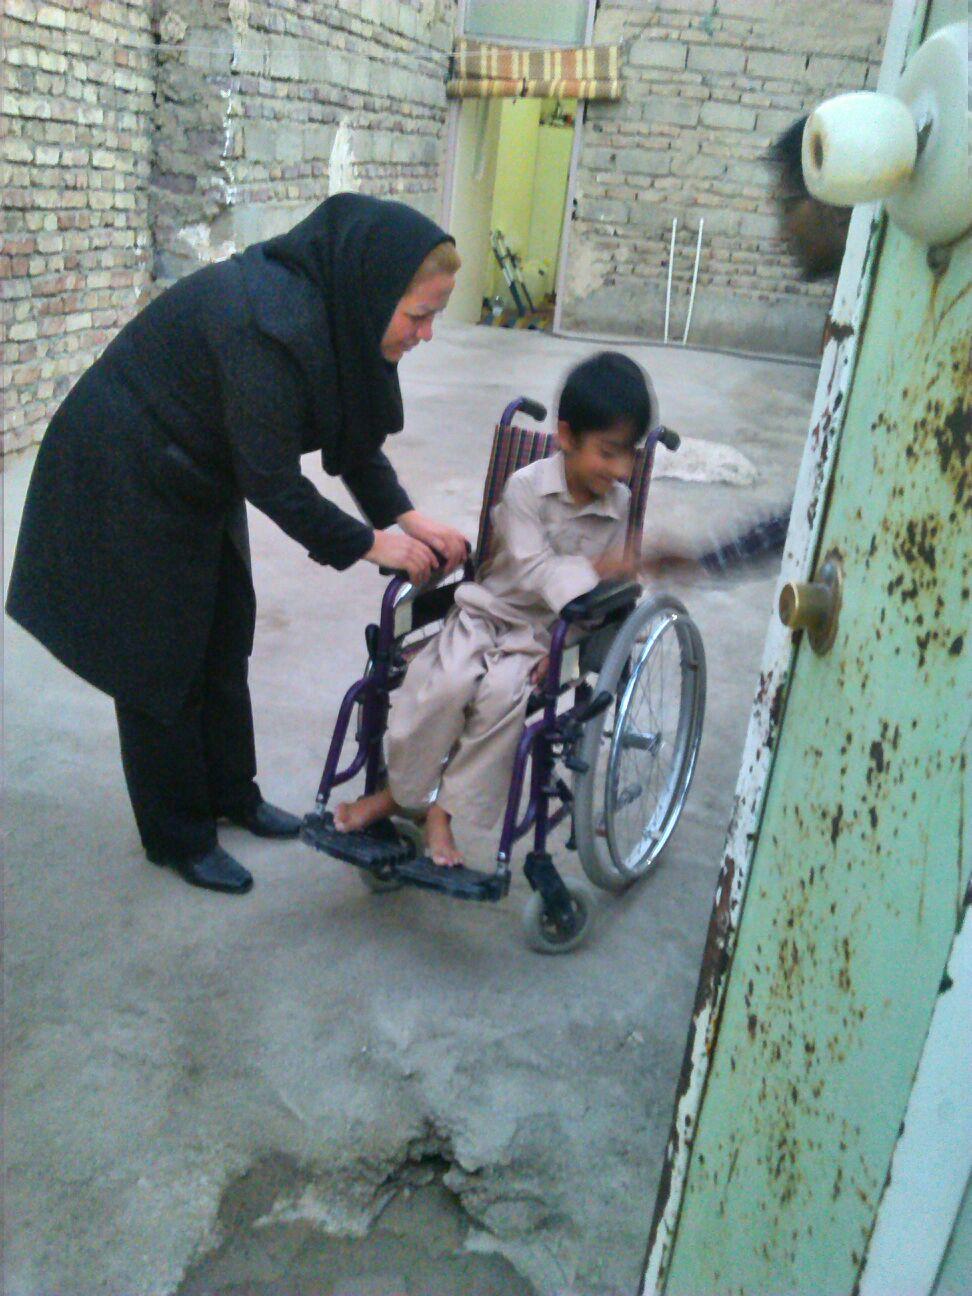 هموفیلی های سیستان و بلوچستان نیازمند توجه بیشتر و ...